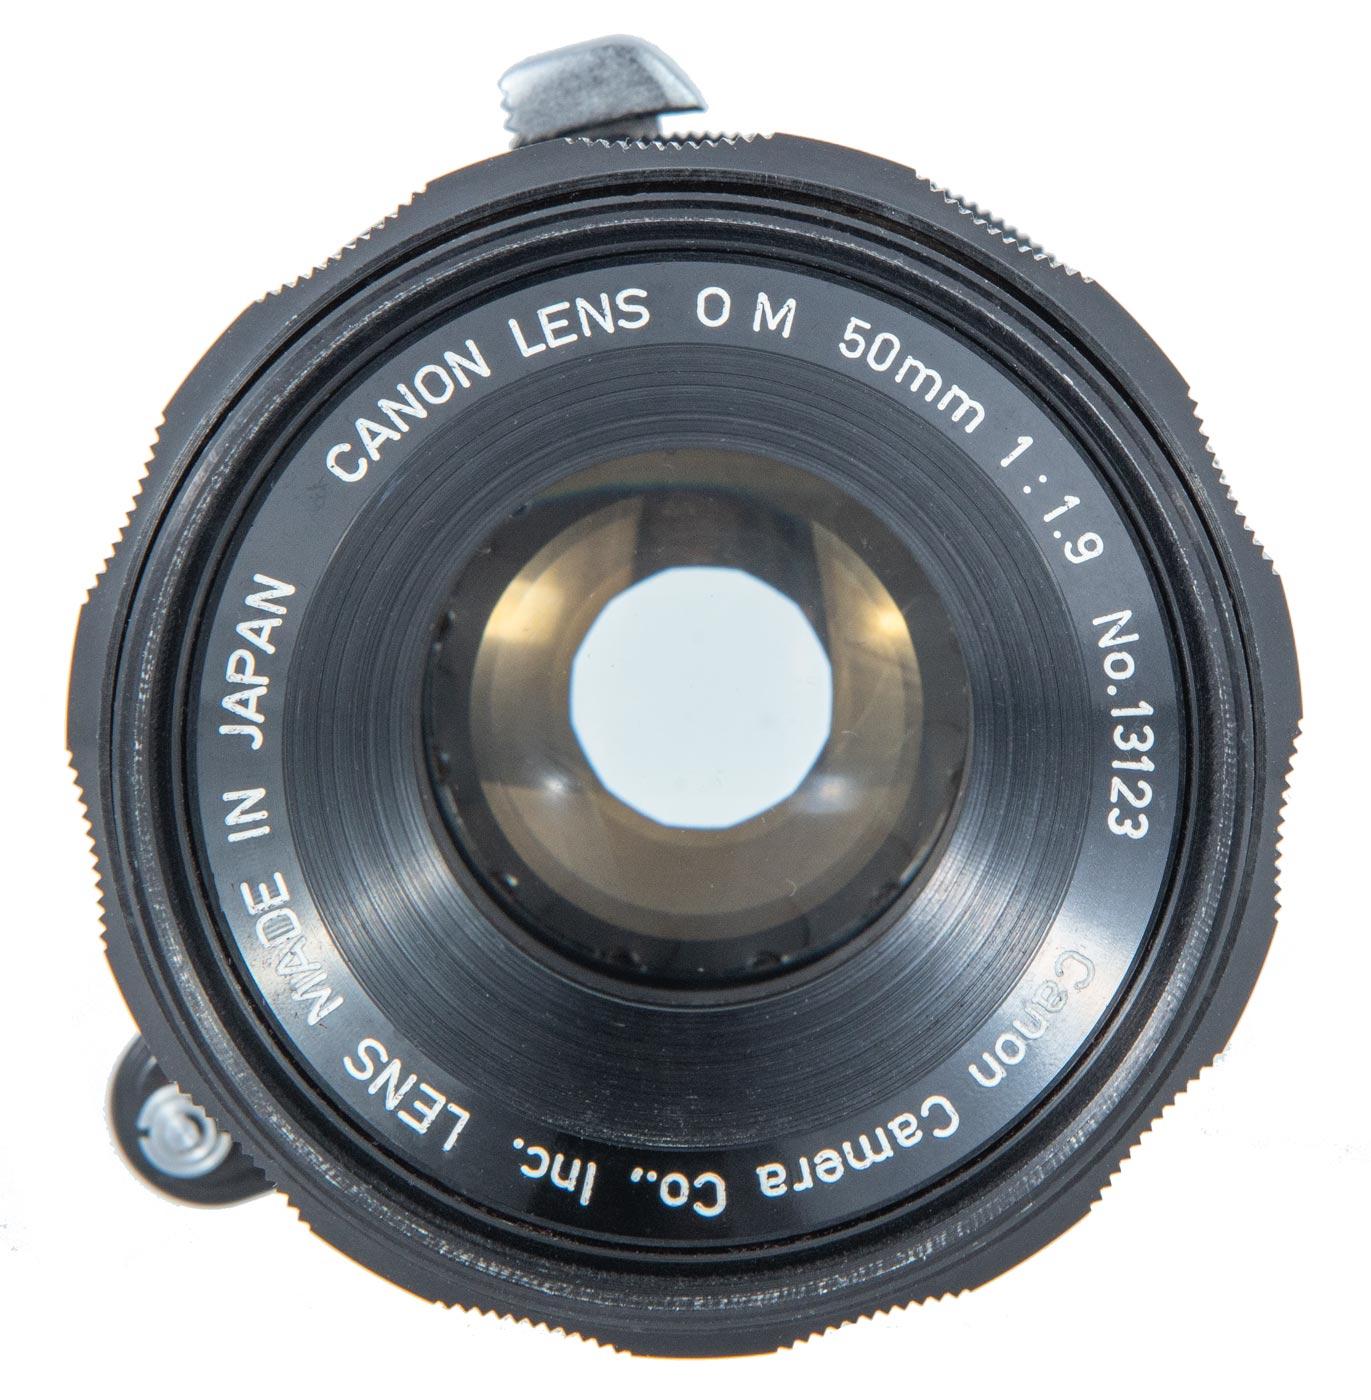 Canon OM 50mm f/1.9 lens